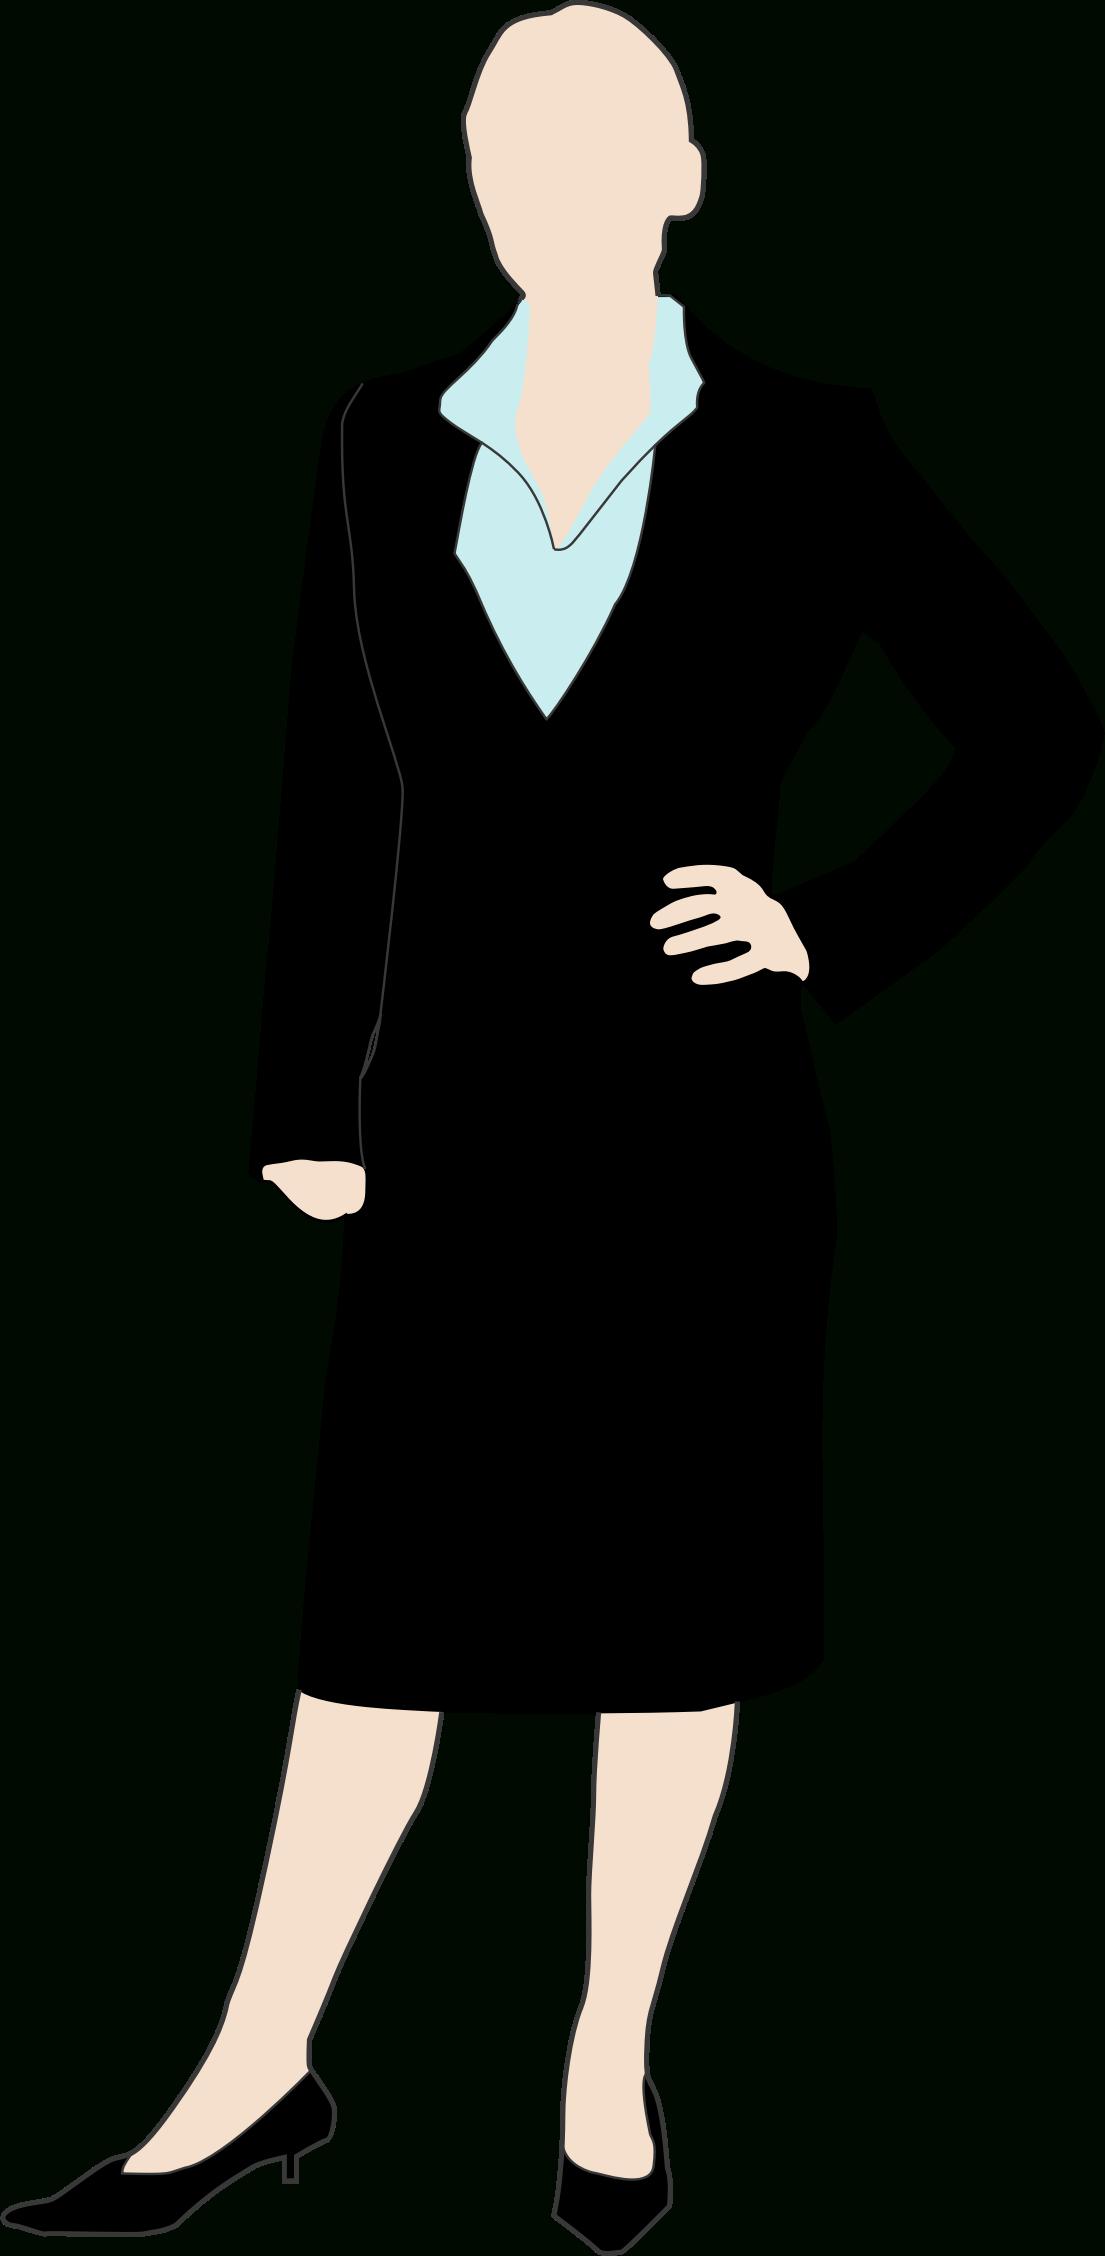 Costume clipart suit. Jorge pita collection desktop